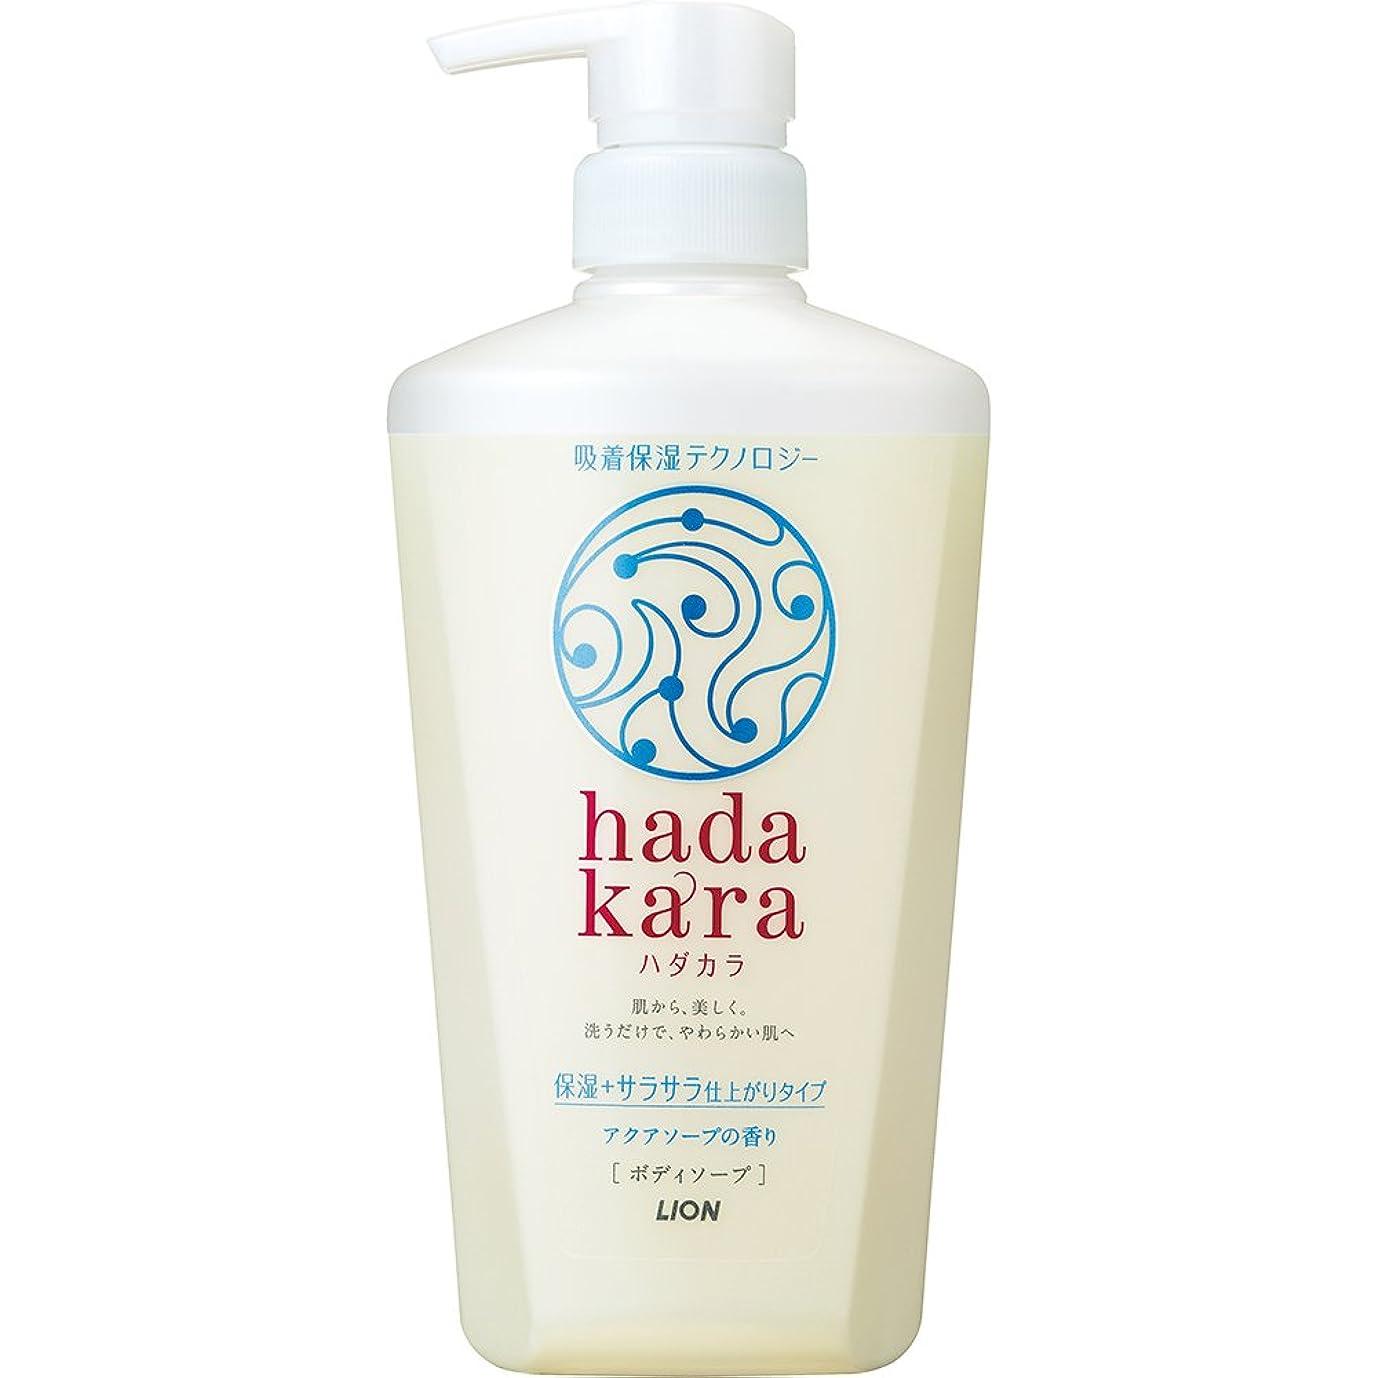 トランスペアレント組み合わせる経済hadakara(ハダカラ) ボディソープ 保湿+サラサラ仕上がりタイプ アクアソープの香り 本体 480ml